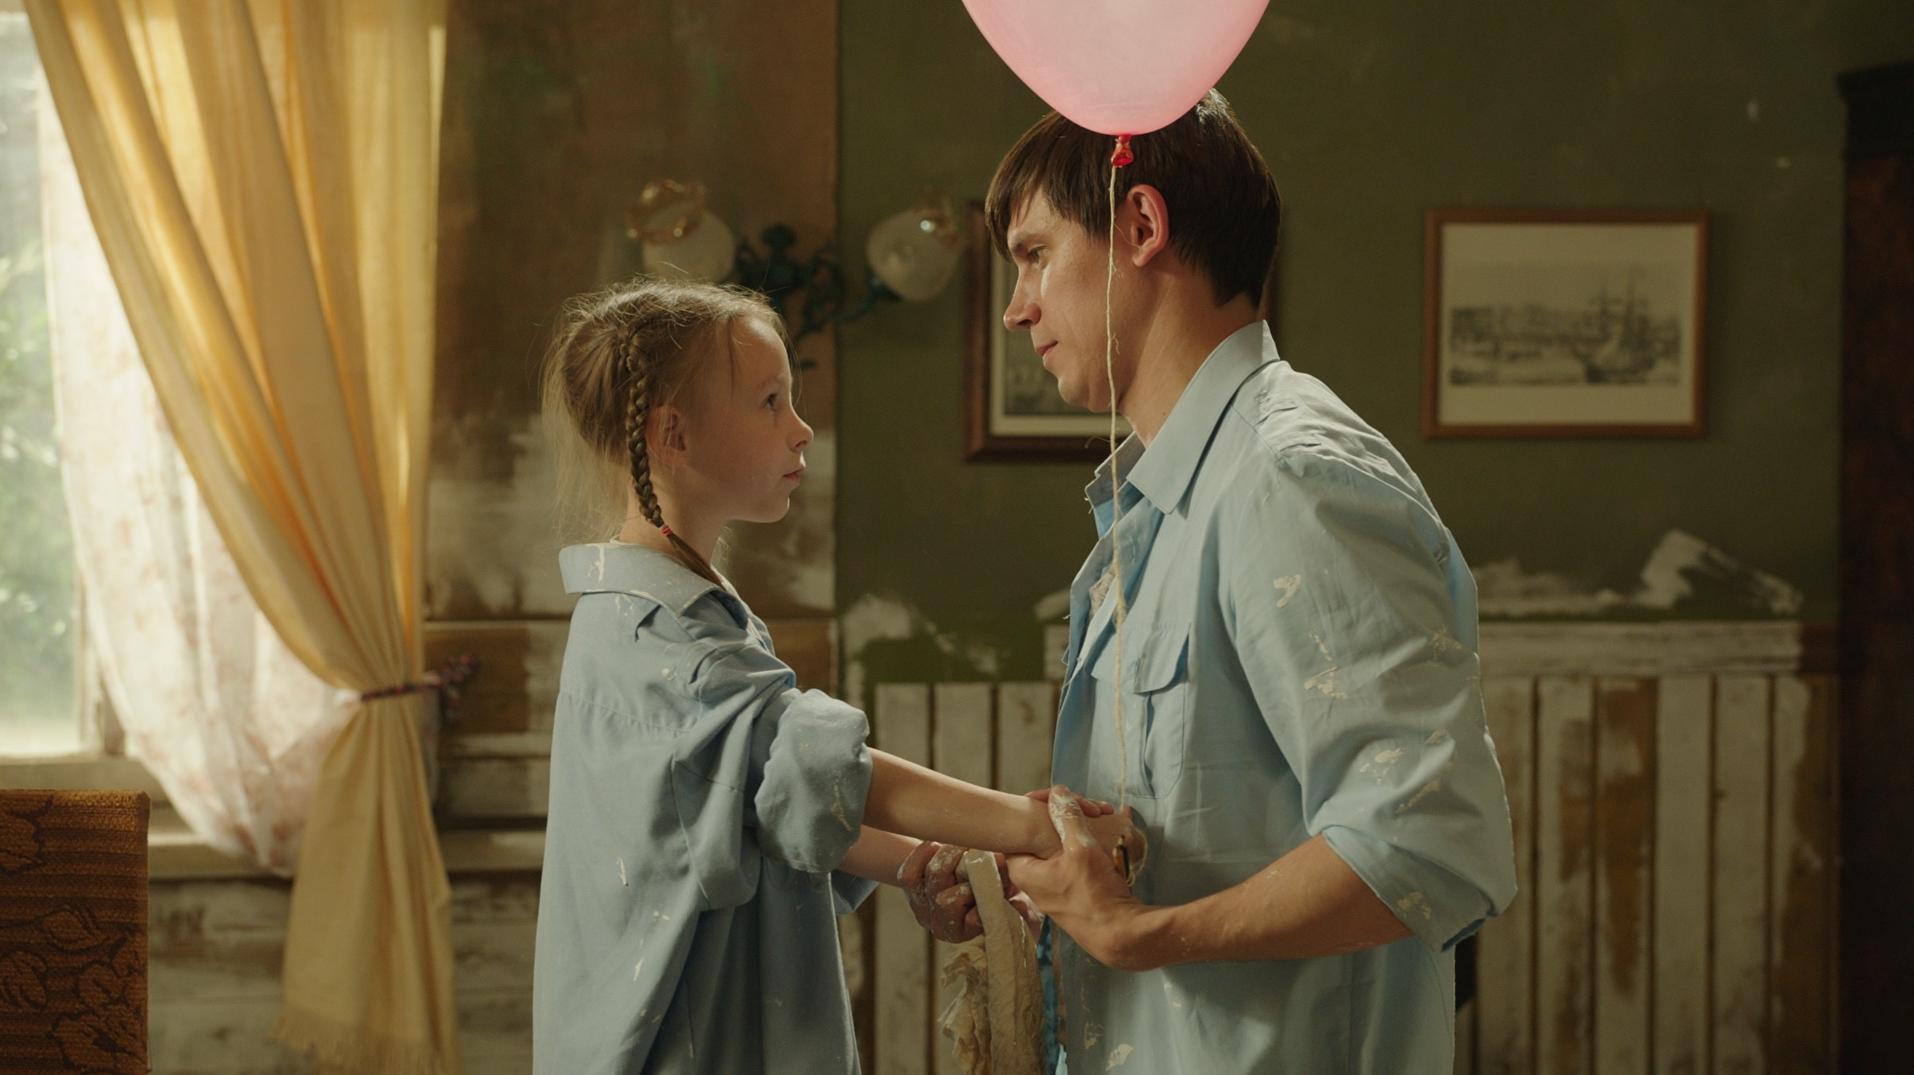 Звонки 2017 смотреть онлайн  Фильмы онлайн в хорошем